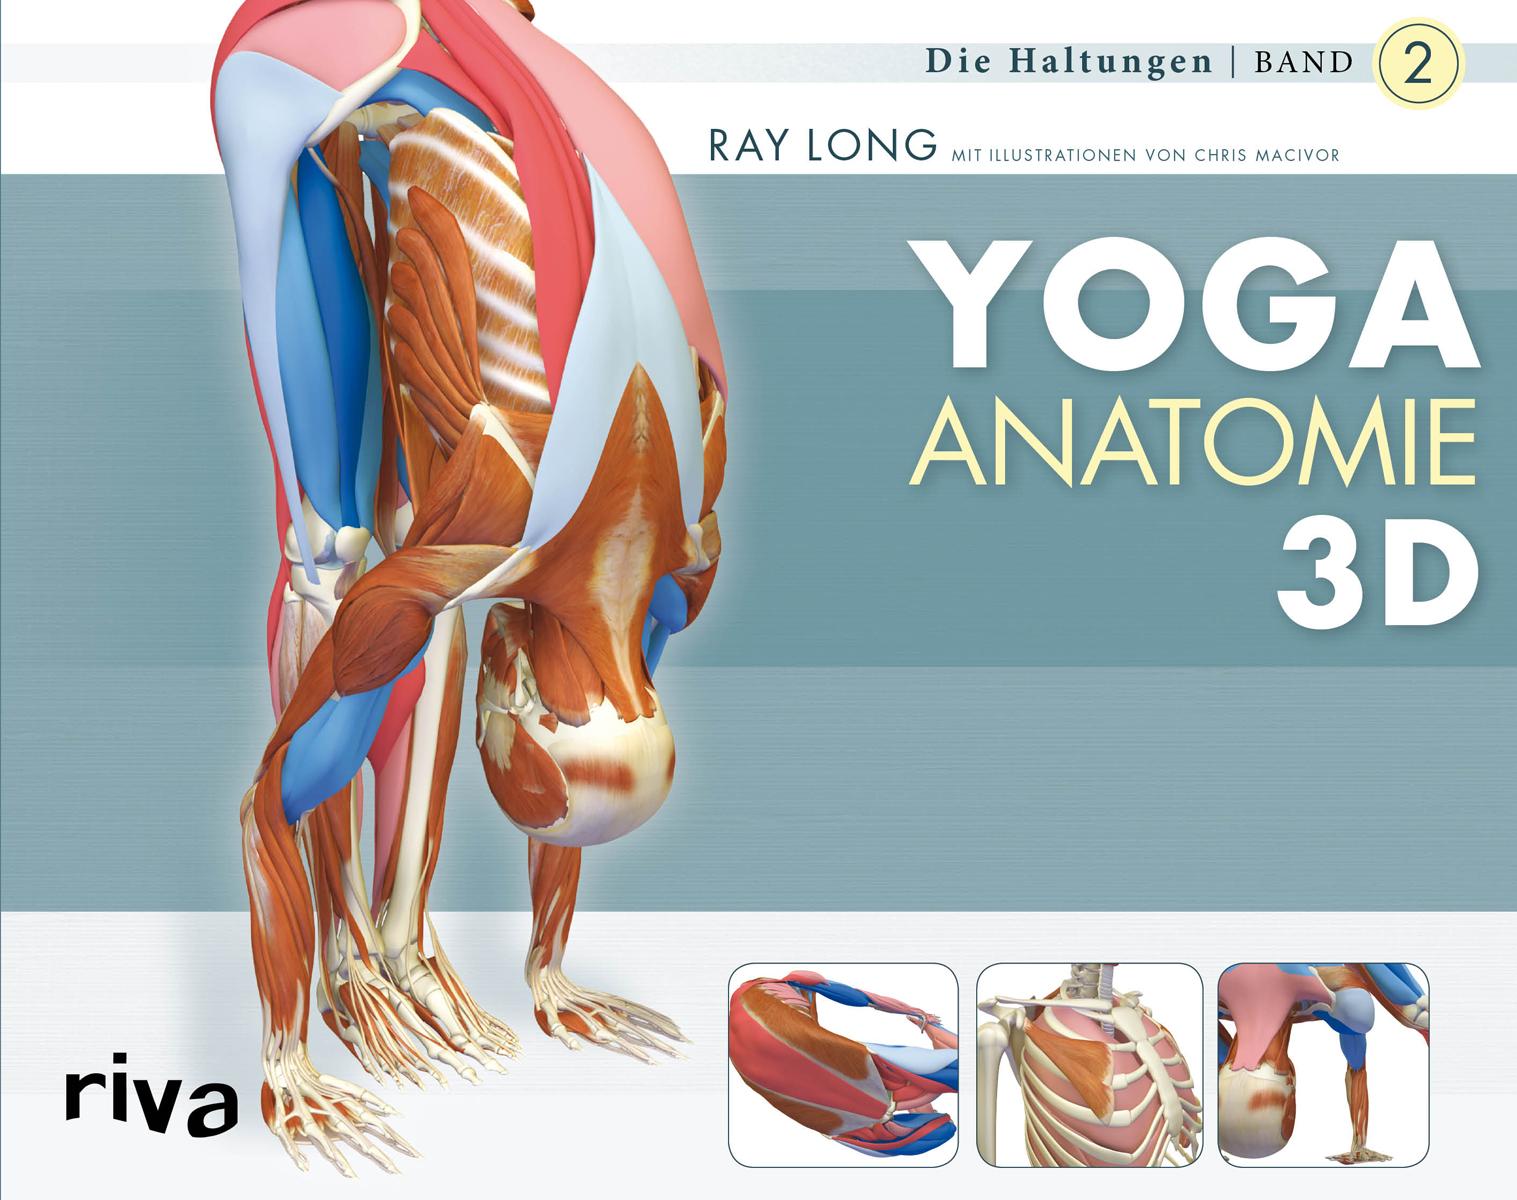 Yoga-Anatomie 3D - Band 2: Die Haltungen